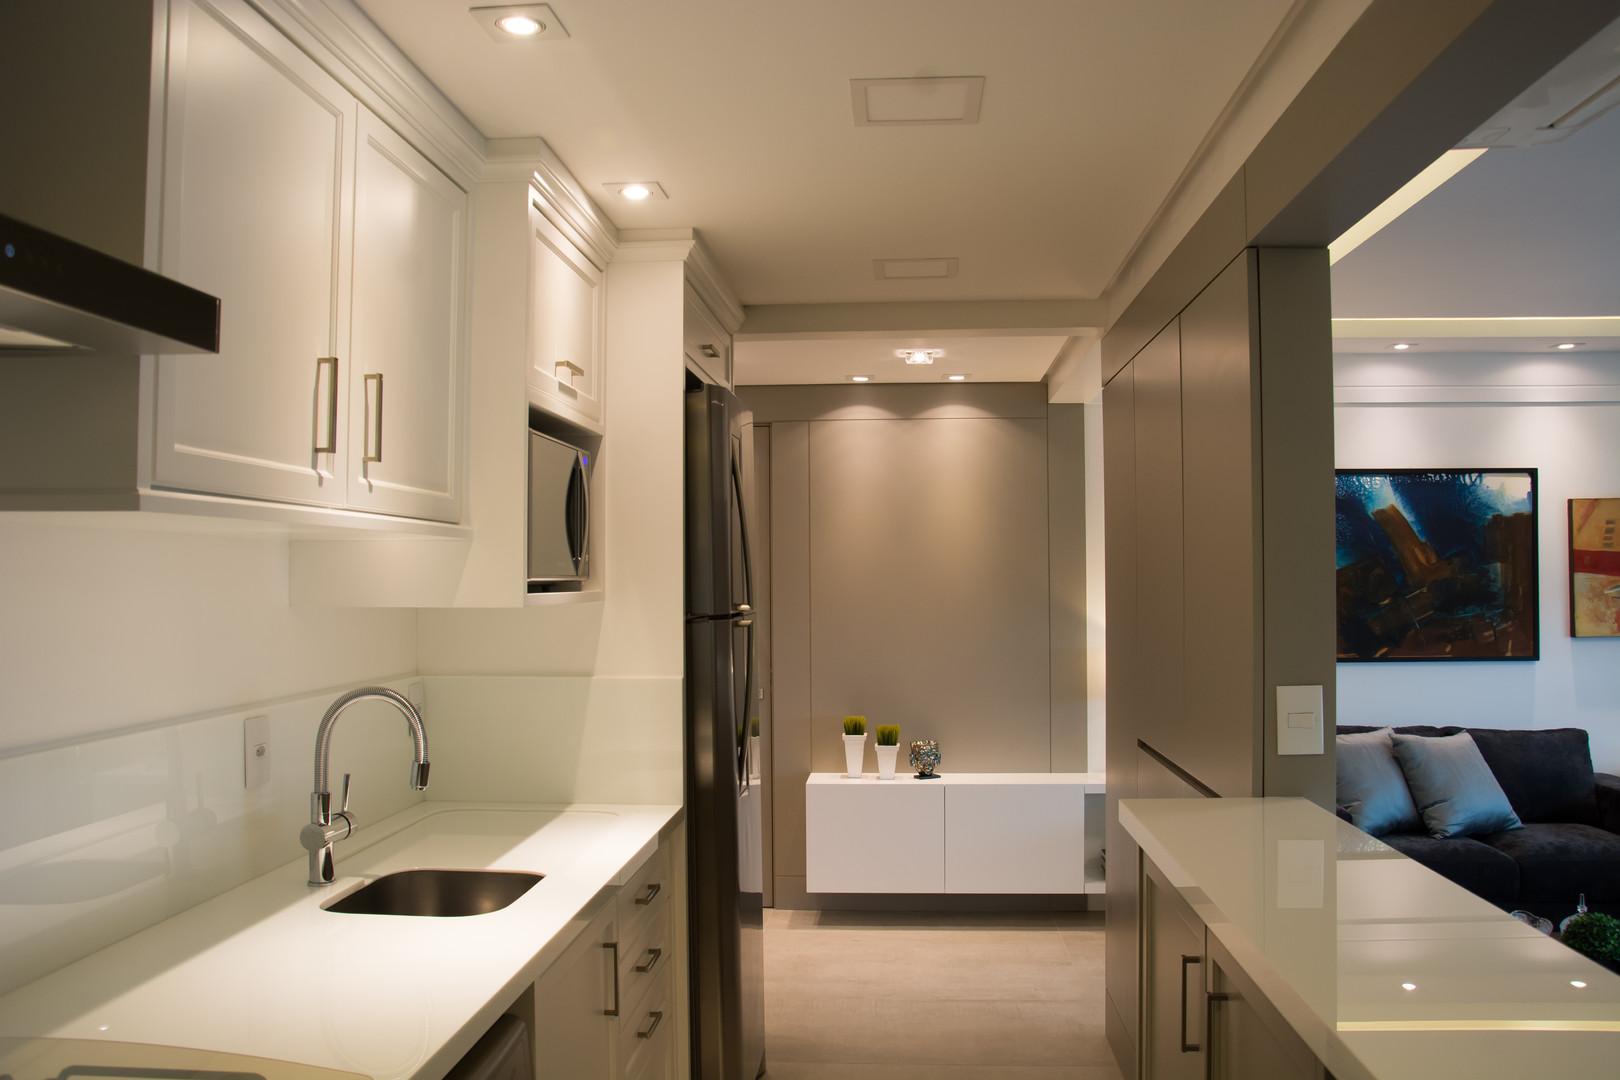 Mobiliário personalizado, em fórmica líquida  com uso de  molduras  clássicas nas portas e gavetas, trazem requinte a cozinha.